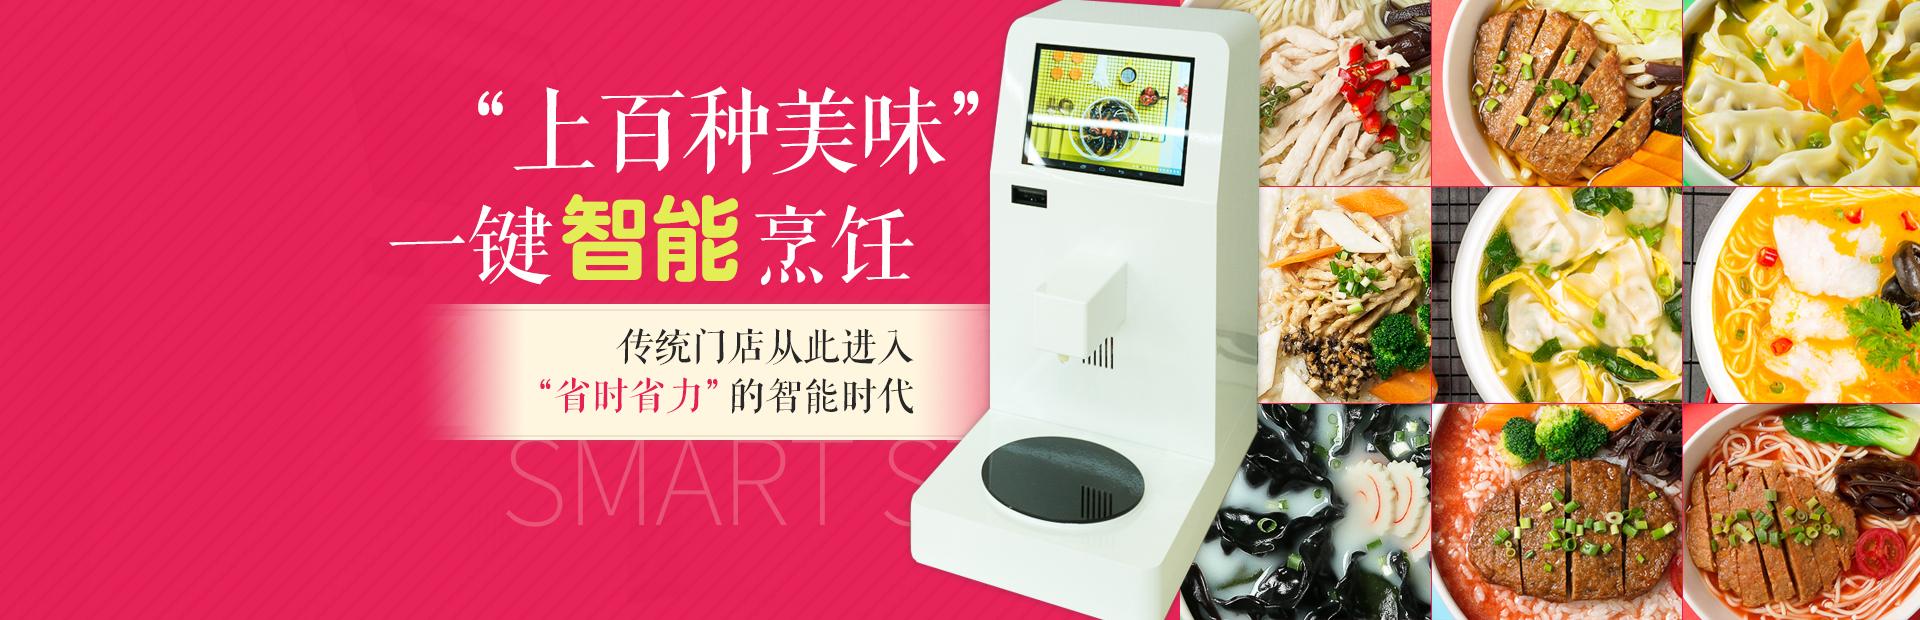 惠美饺子智能餐饮新模式